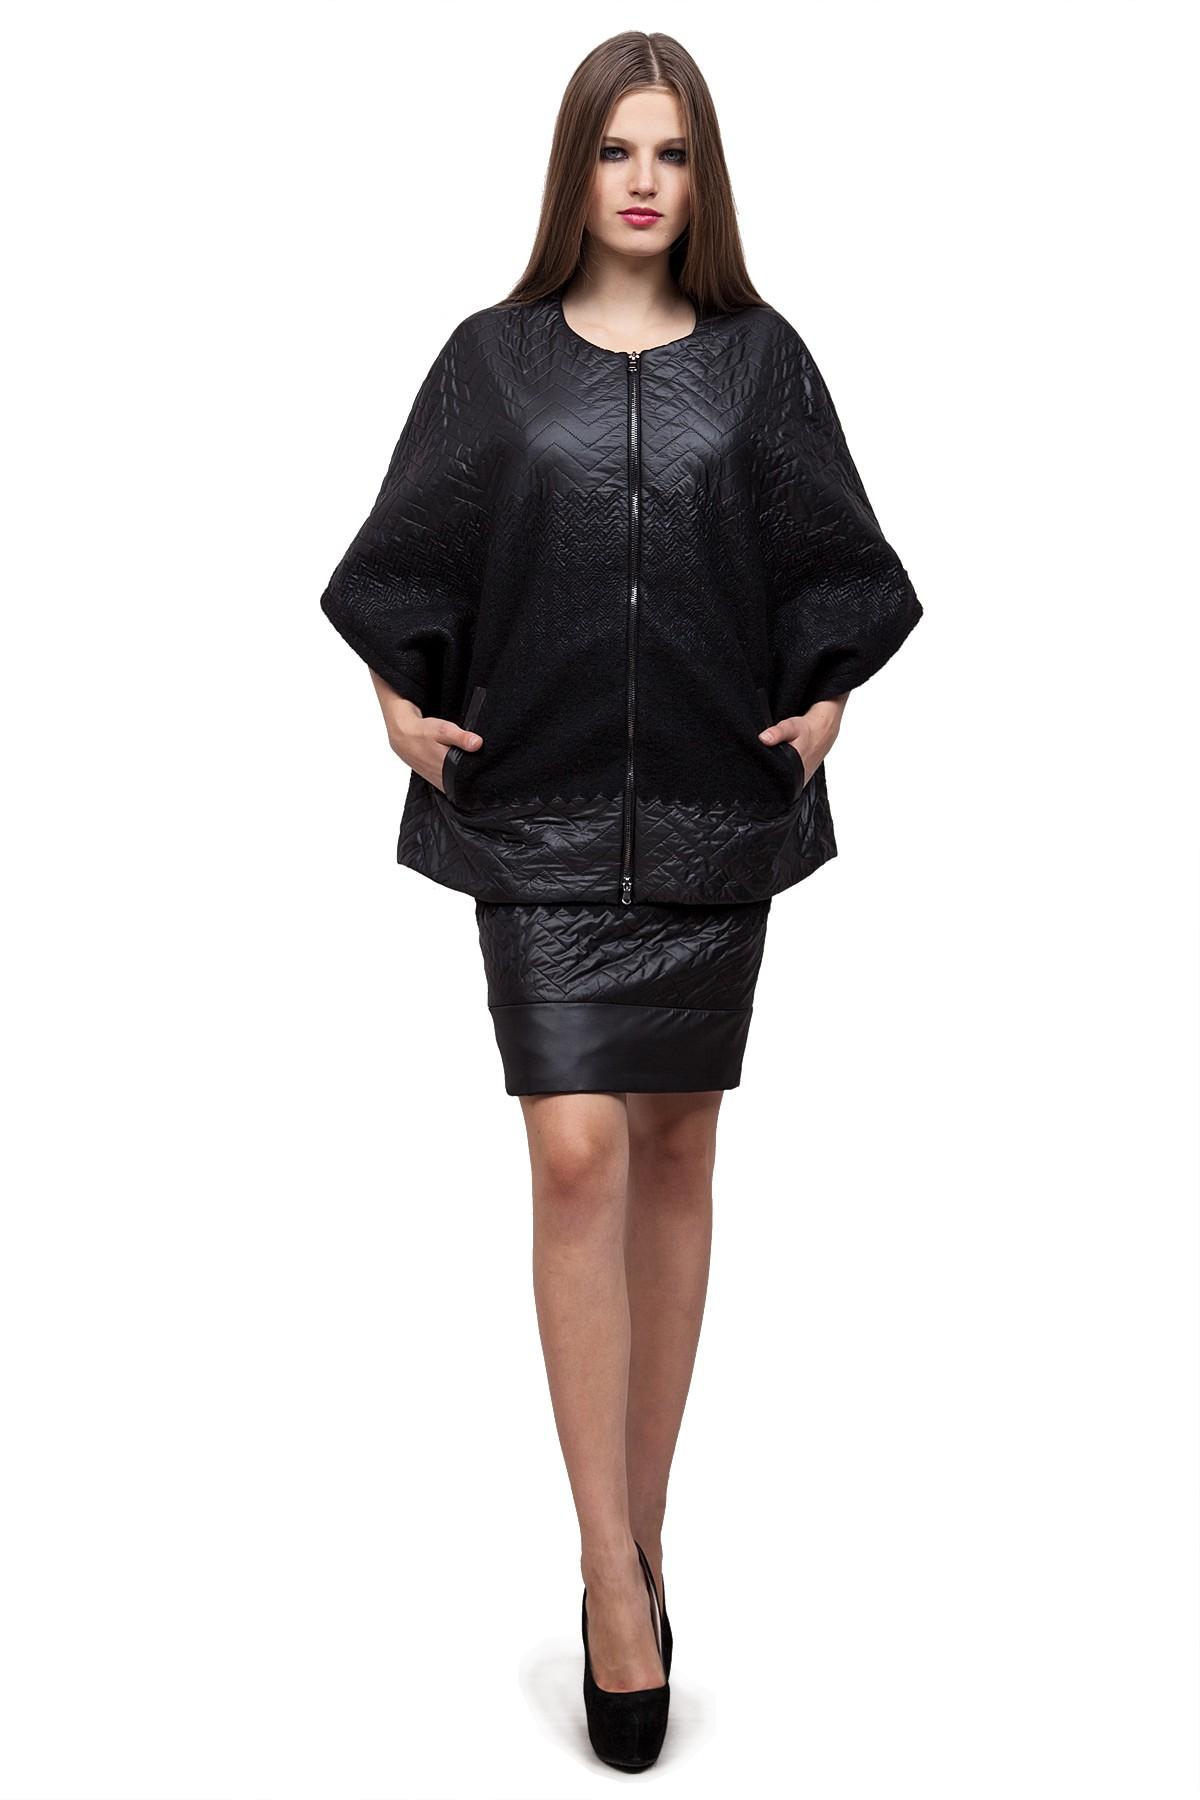 ПончоЖенские куртки, плащи, пальто<br>Превосходное пончо не оставит равнодушной ни одну модницу. Выполнена из итальянской ткани , в состав ,которой входит шерсть, надежно сохраняет тепло. В этом изделии Вы всегда будете в центре внимания.<br><br>Цвет: черный<br>Состав: 62%полиэстер, 38%шерсть,подкладка -54%полиэстер, 46%вискоза<br>Размер: 52,60<br>Страна дизайна: Россия<br>Страна производства: Россия